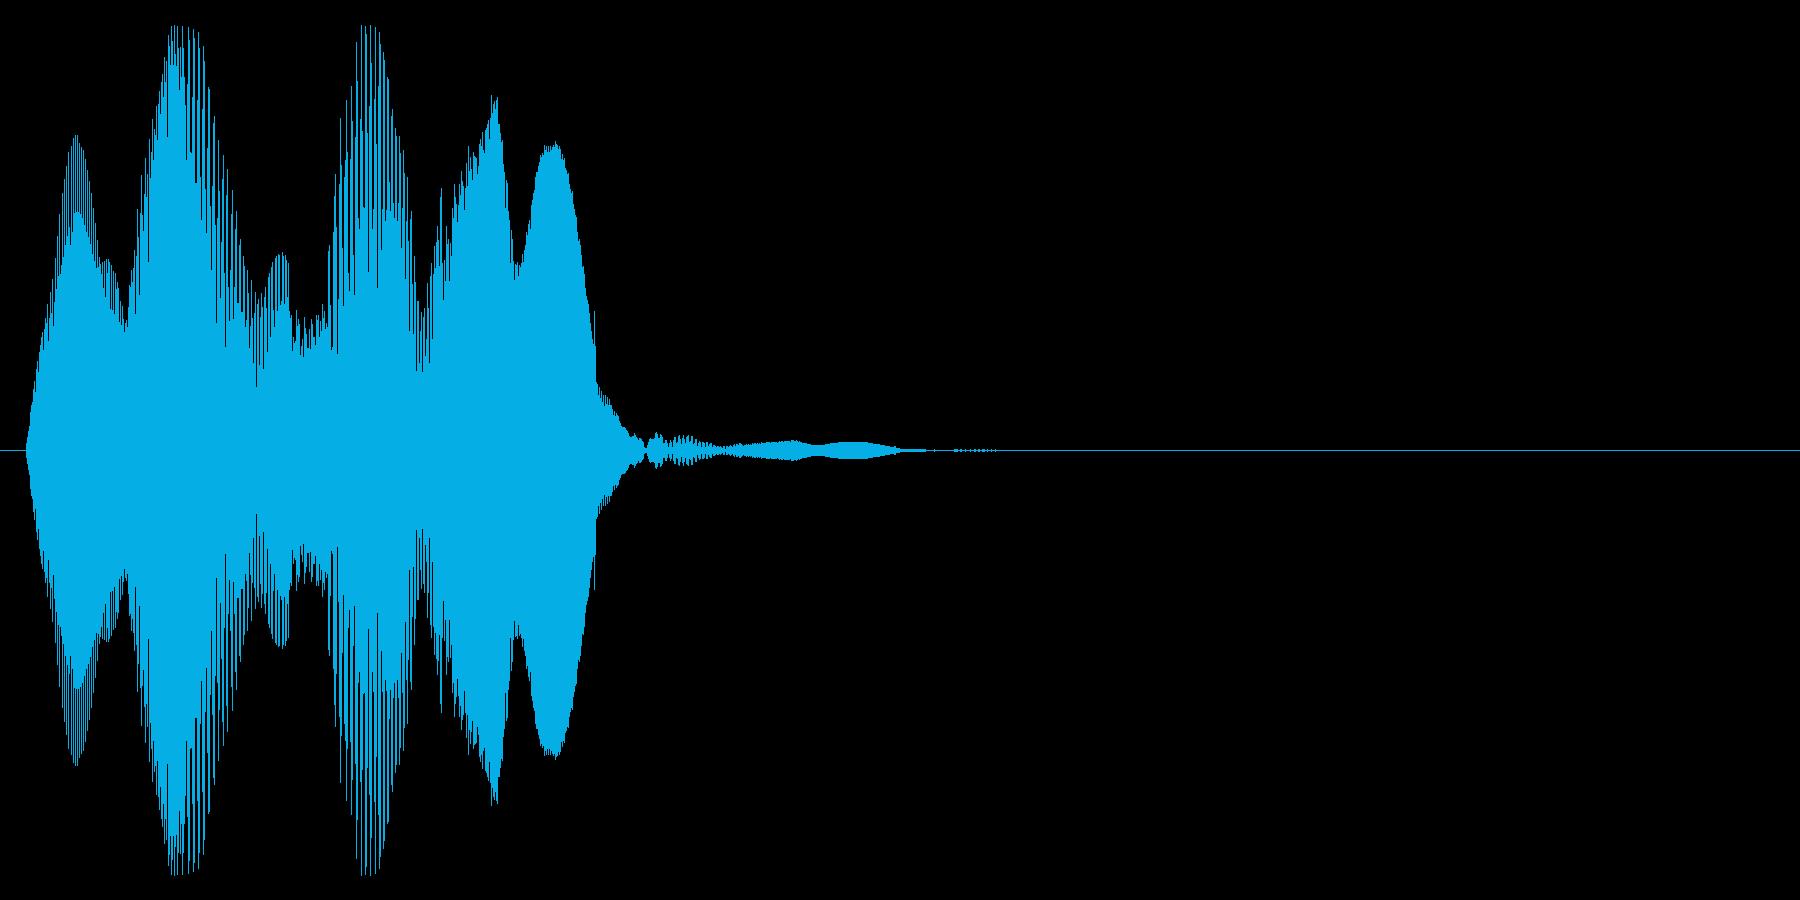 プルン3_ぷにぷにした感触の音の再生済みの波形